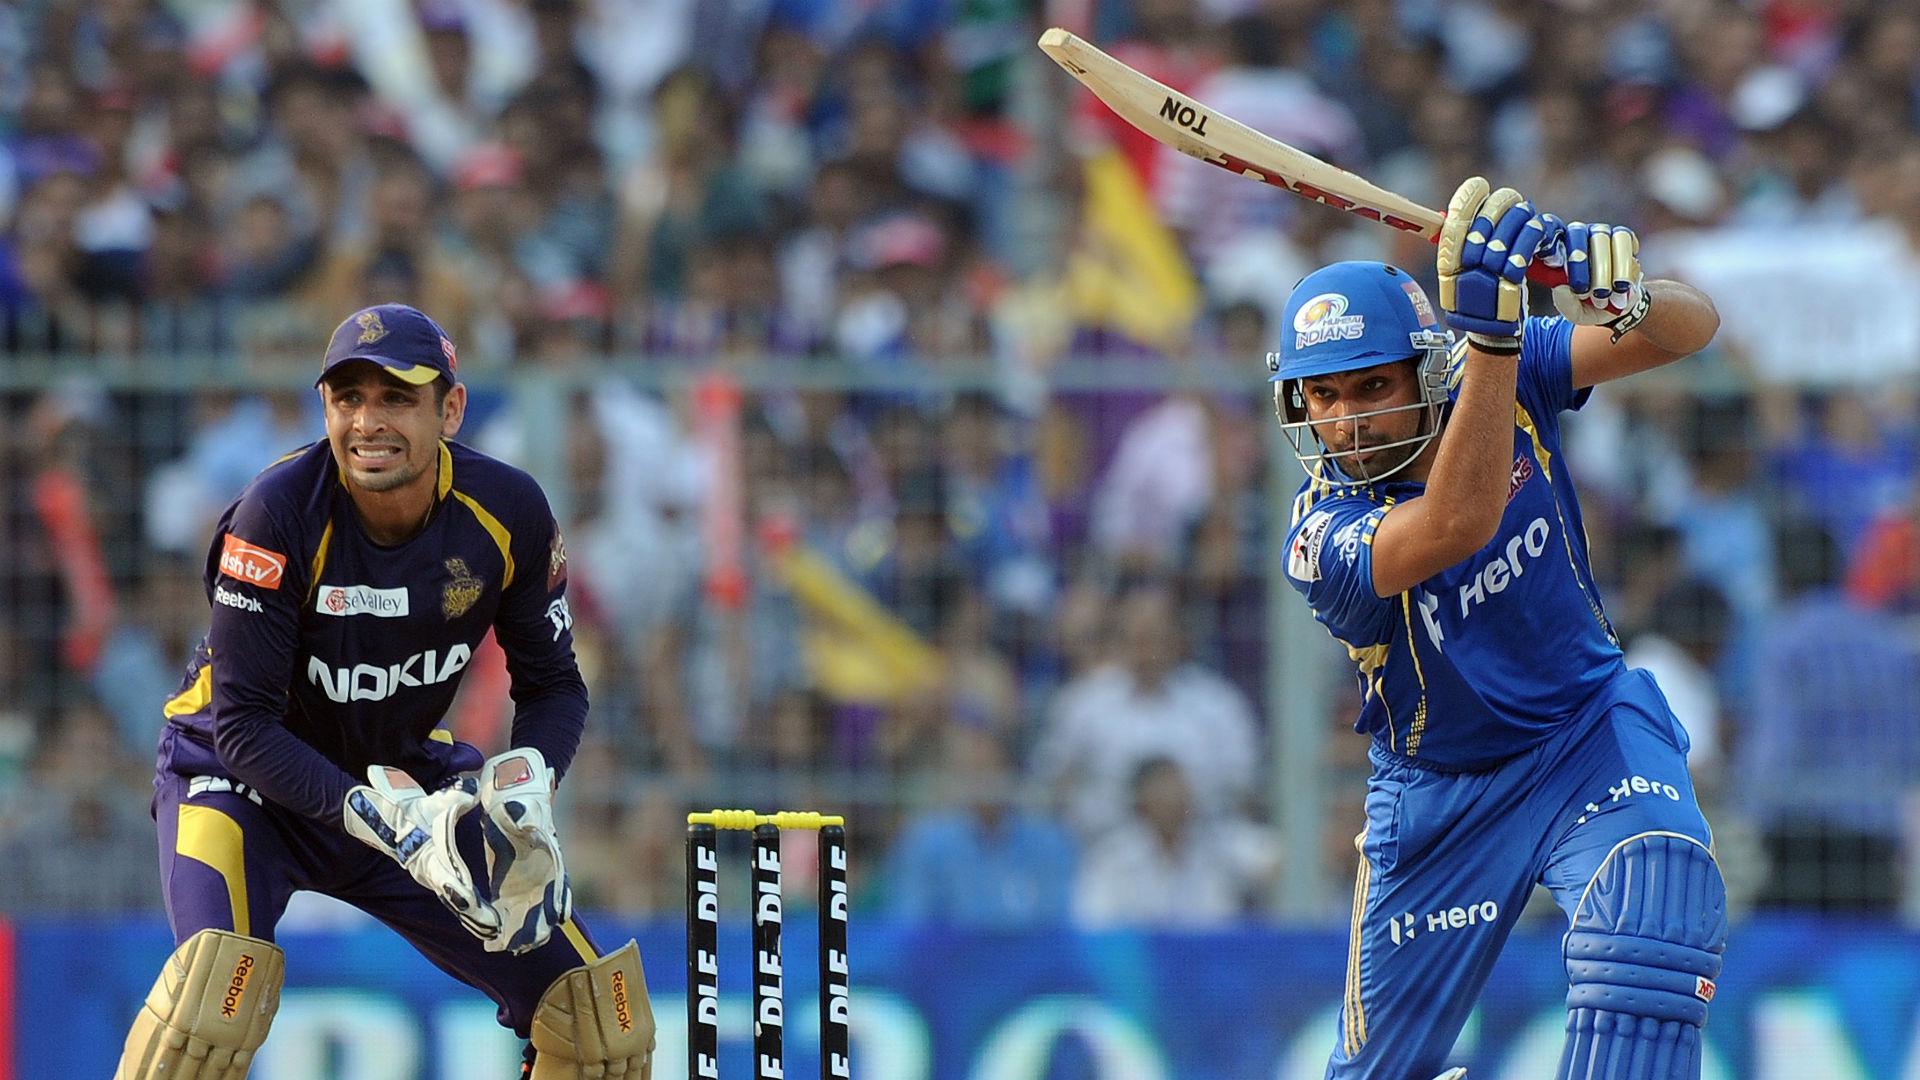 दुनियाभर में शुरू हो चुकीं क्रिकेट लीग पर लगाम लगाने की तैयारी कर रहा आईसीसी 4